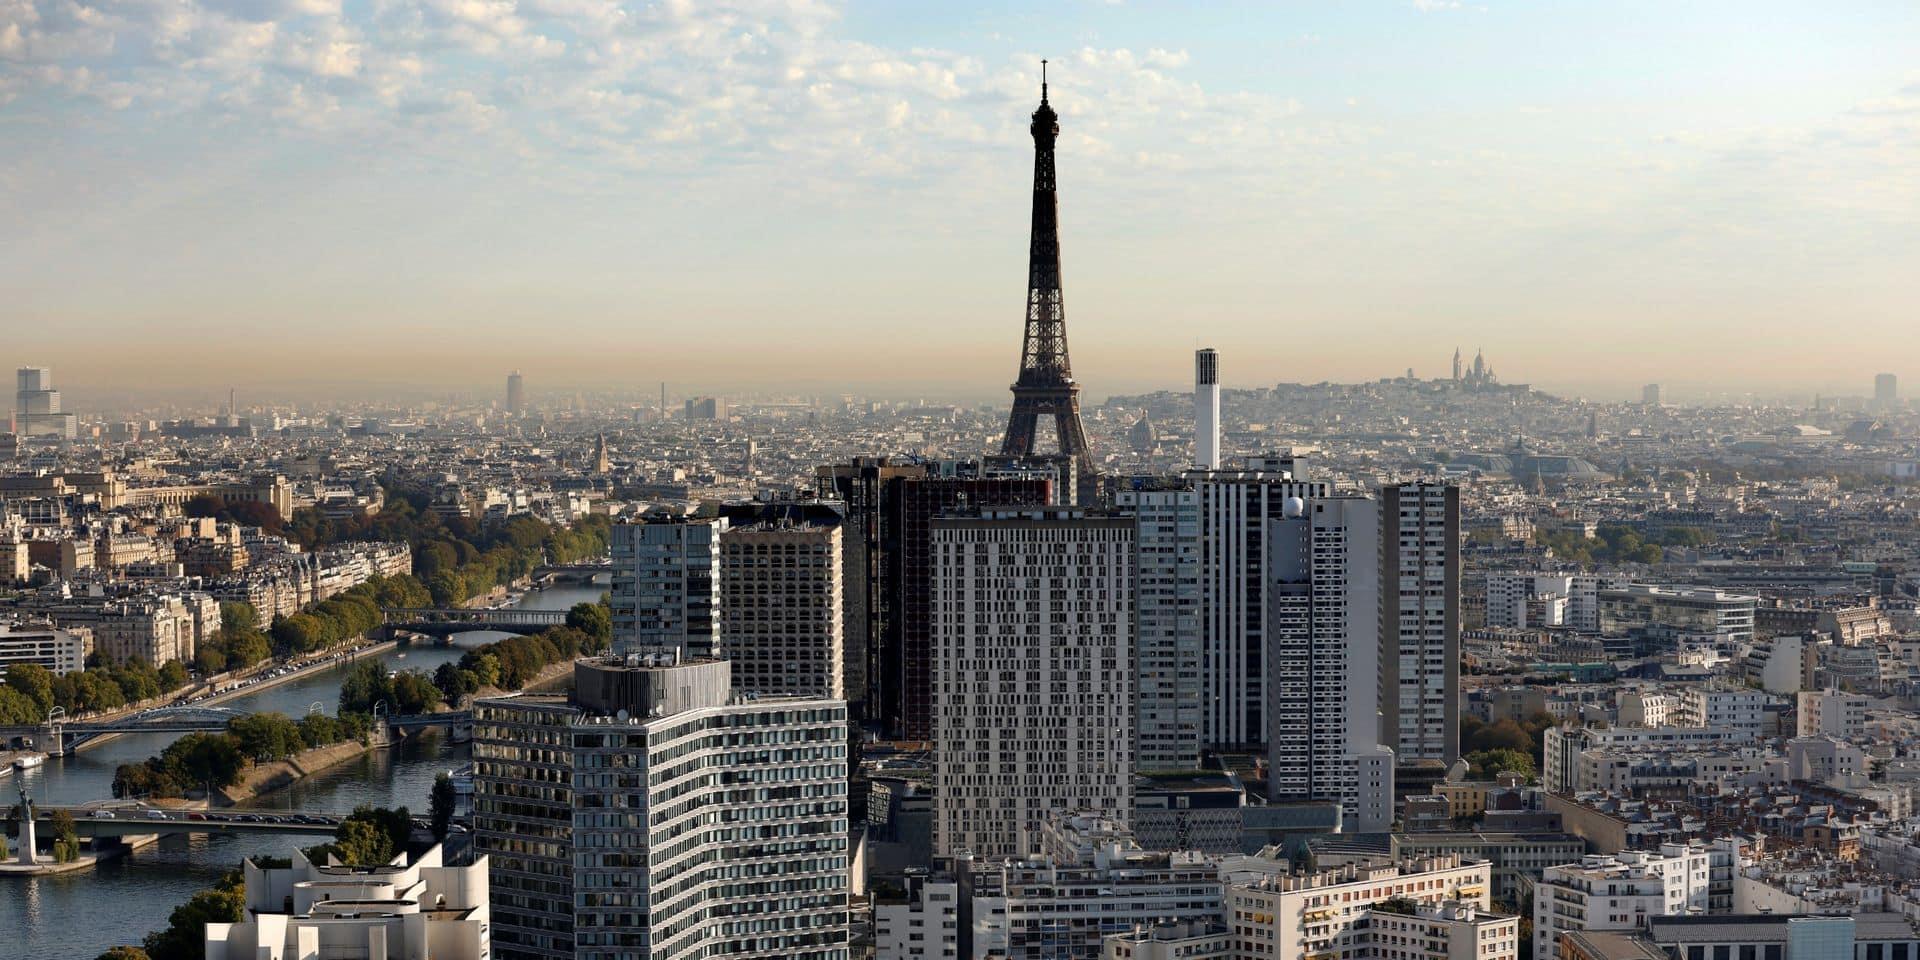 Une explosion à Paris ? Non, un avion de chasse qui franchit le mur du son... et dérange les joueurs de Roland-Garros